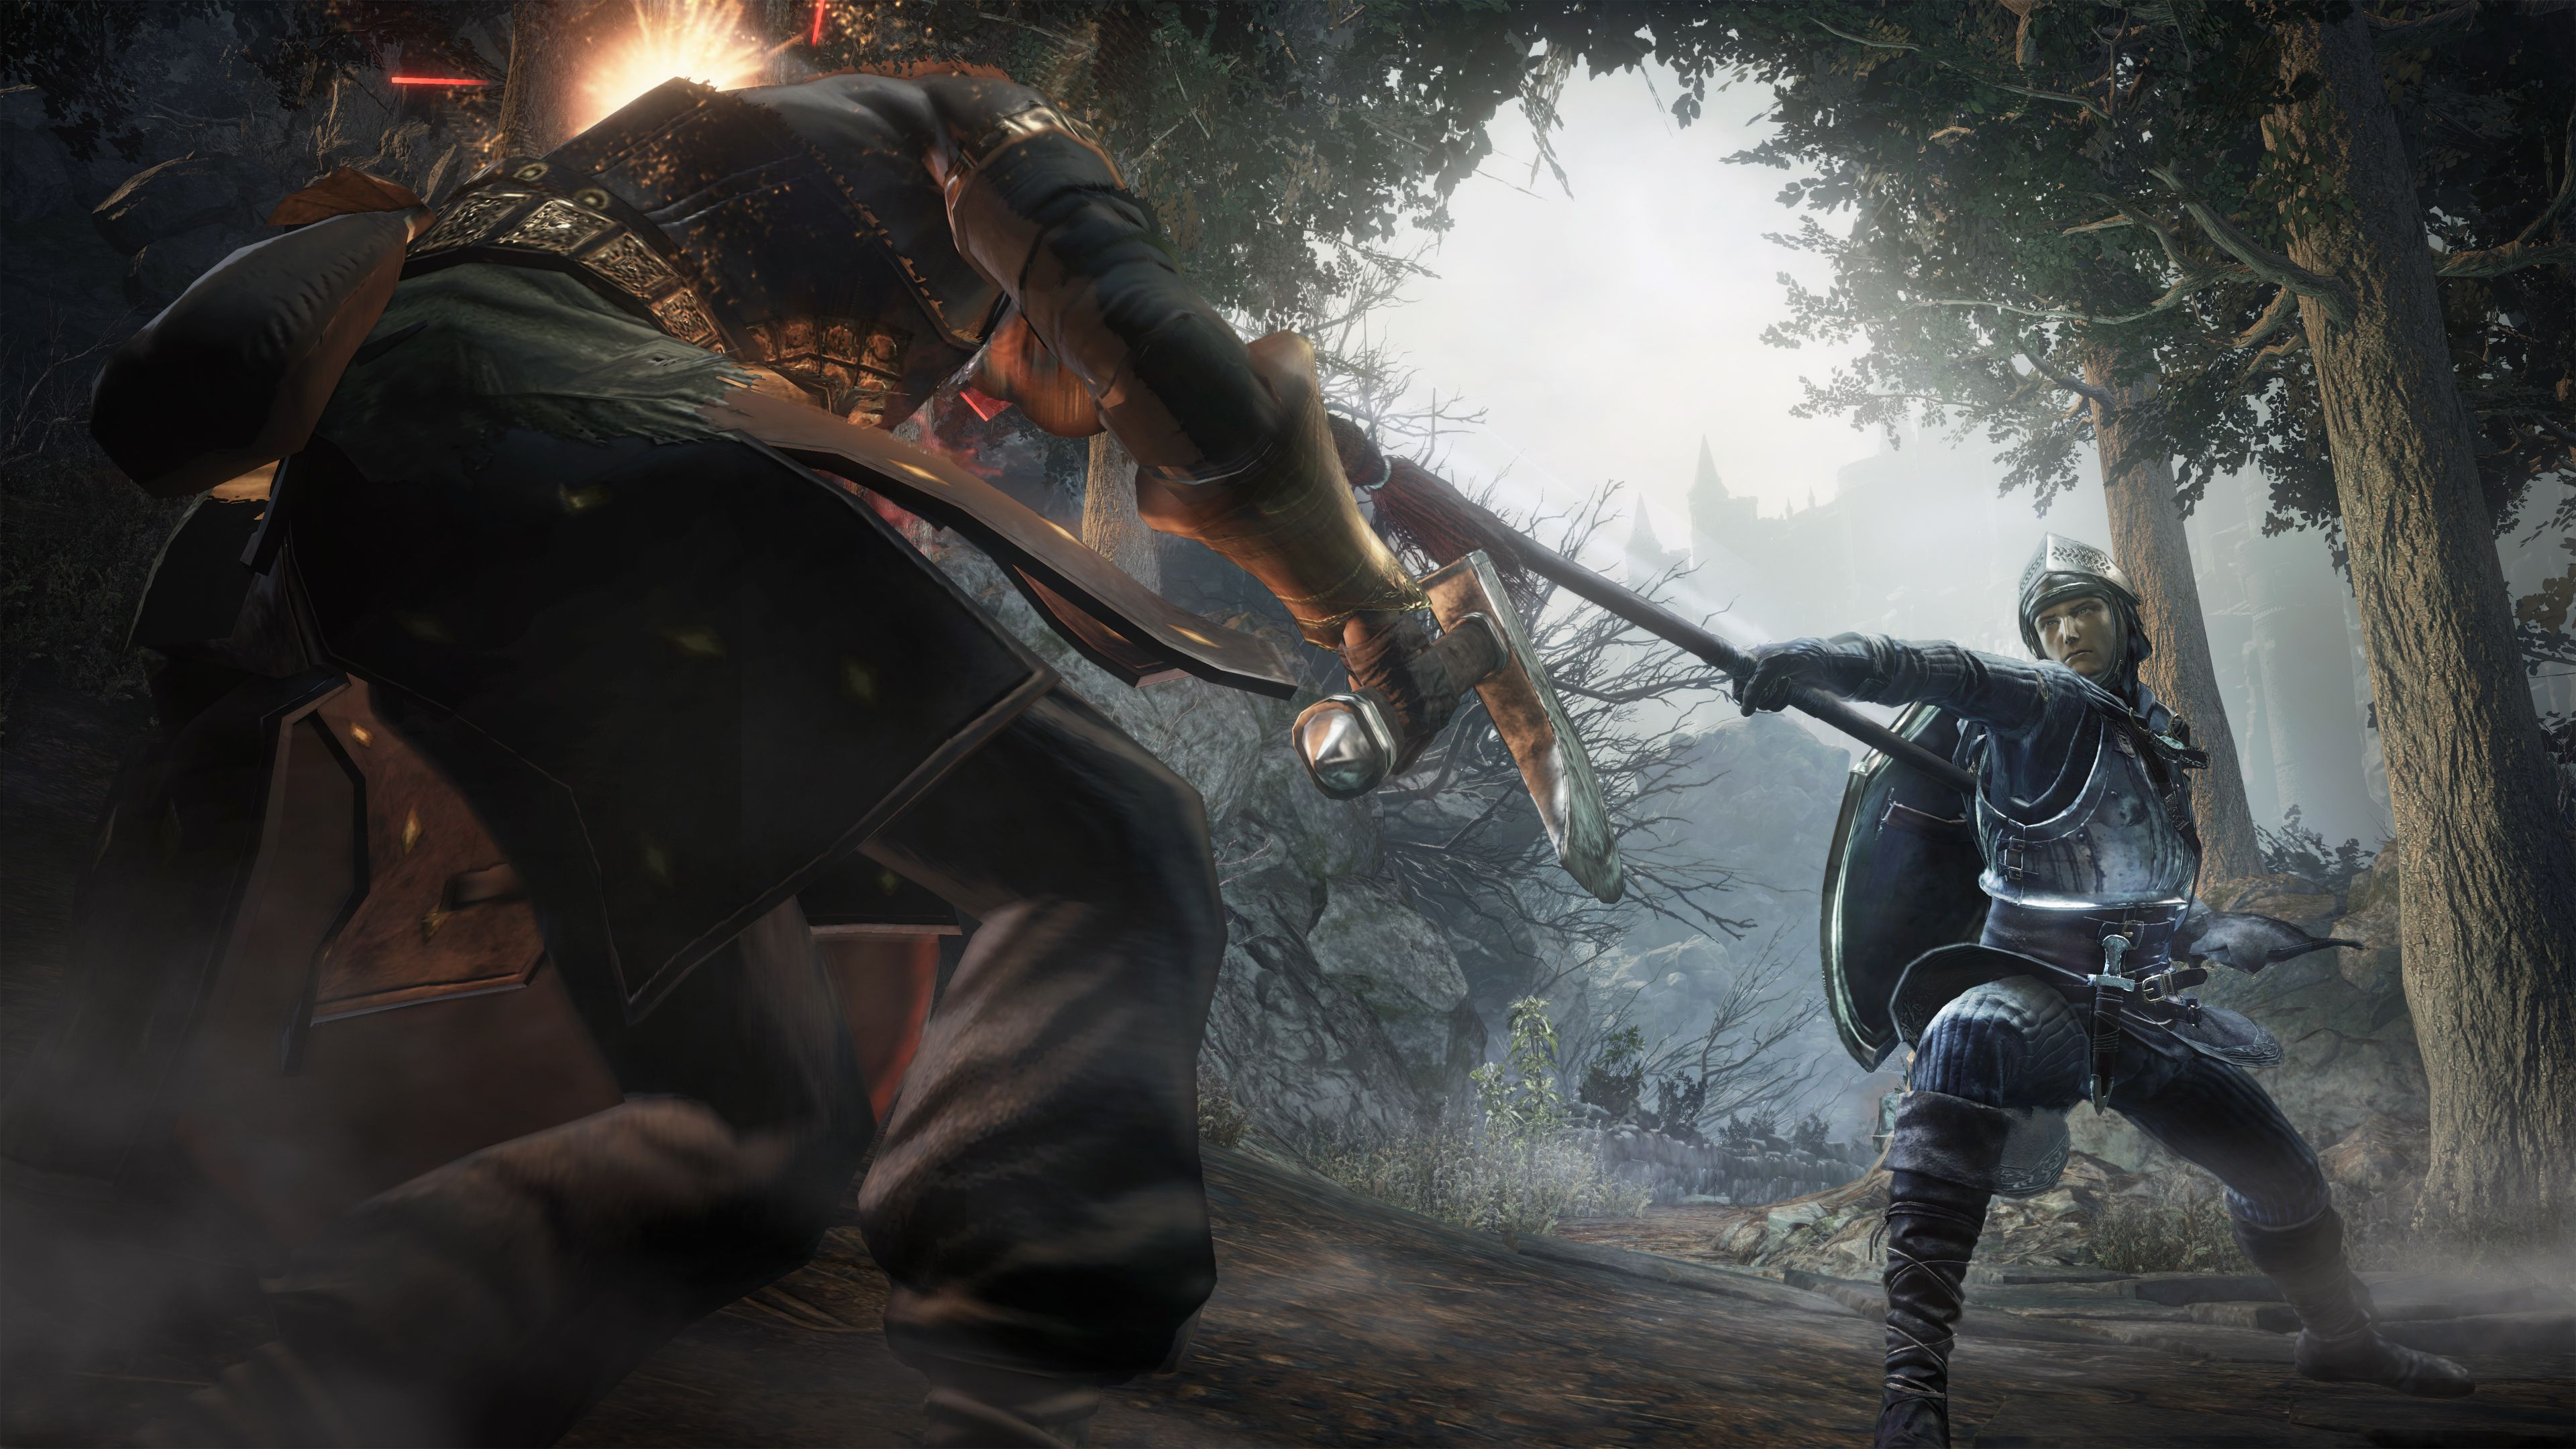 Новые скриншоты Dark Souls 3 - Изображение 8